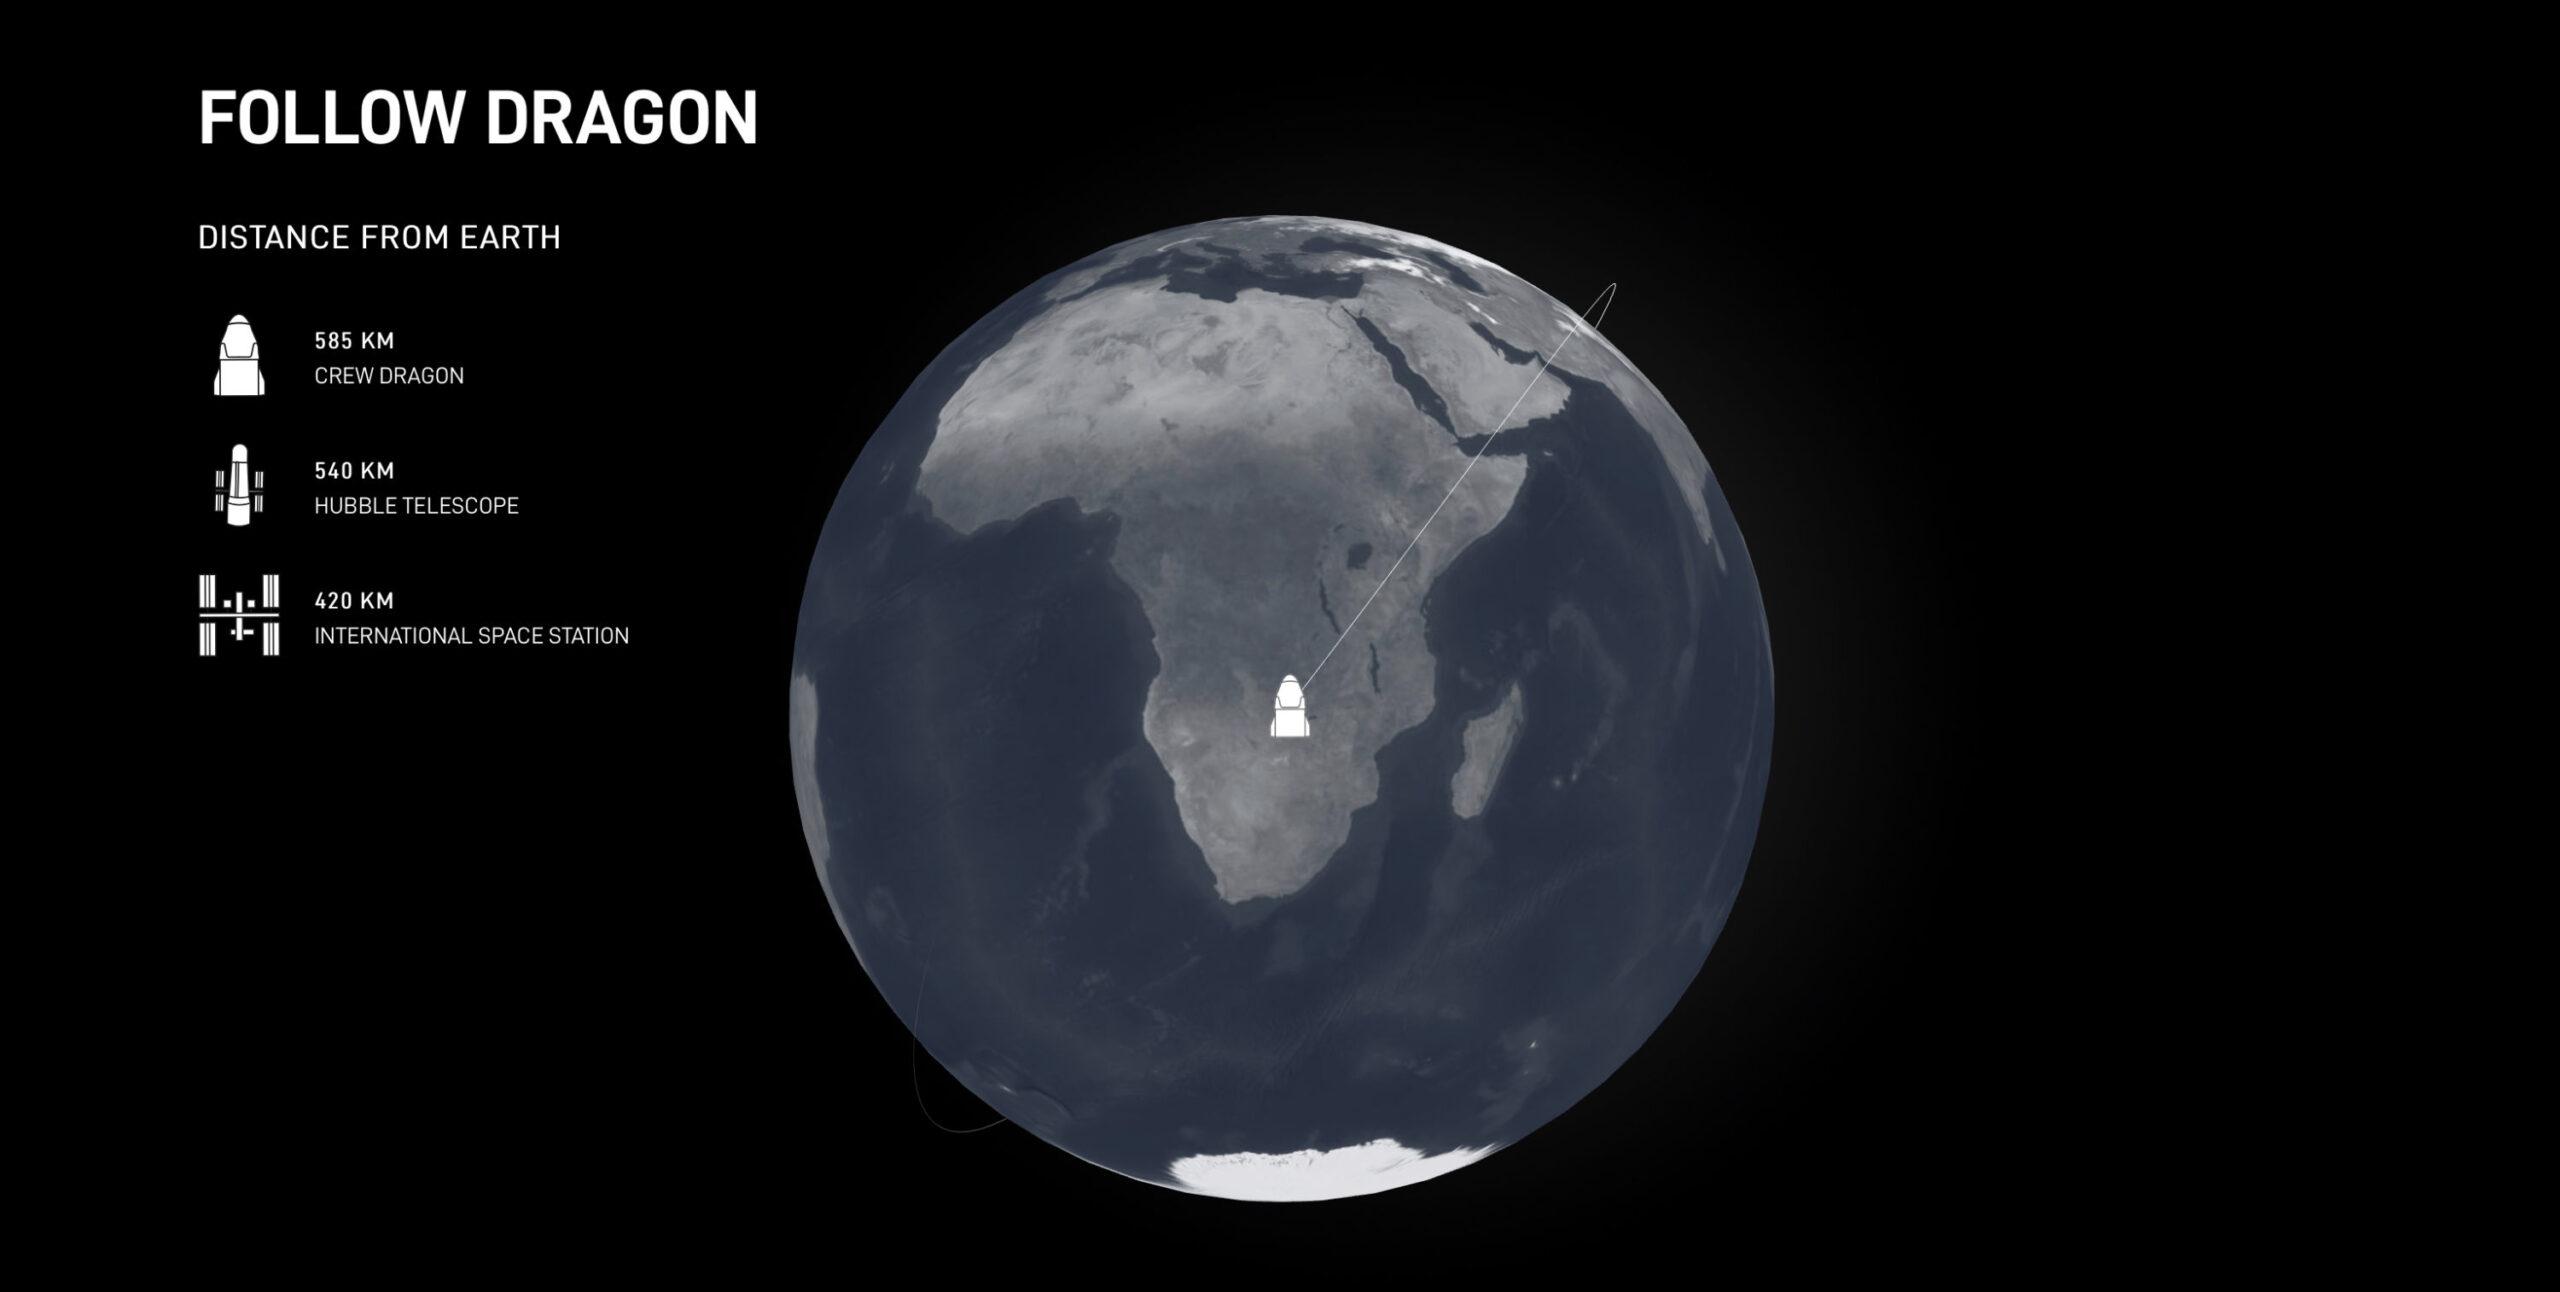 Bản đồ cập nhật vị trí hiện tại của phi thuyền Crew Dragon theo thời gian thực.